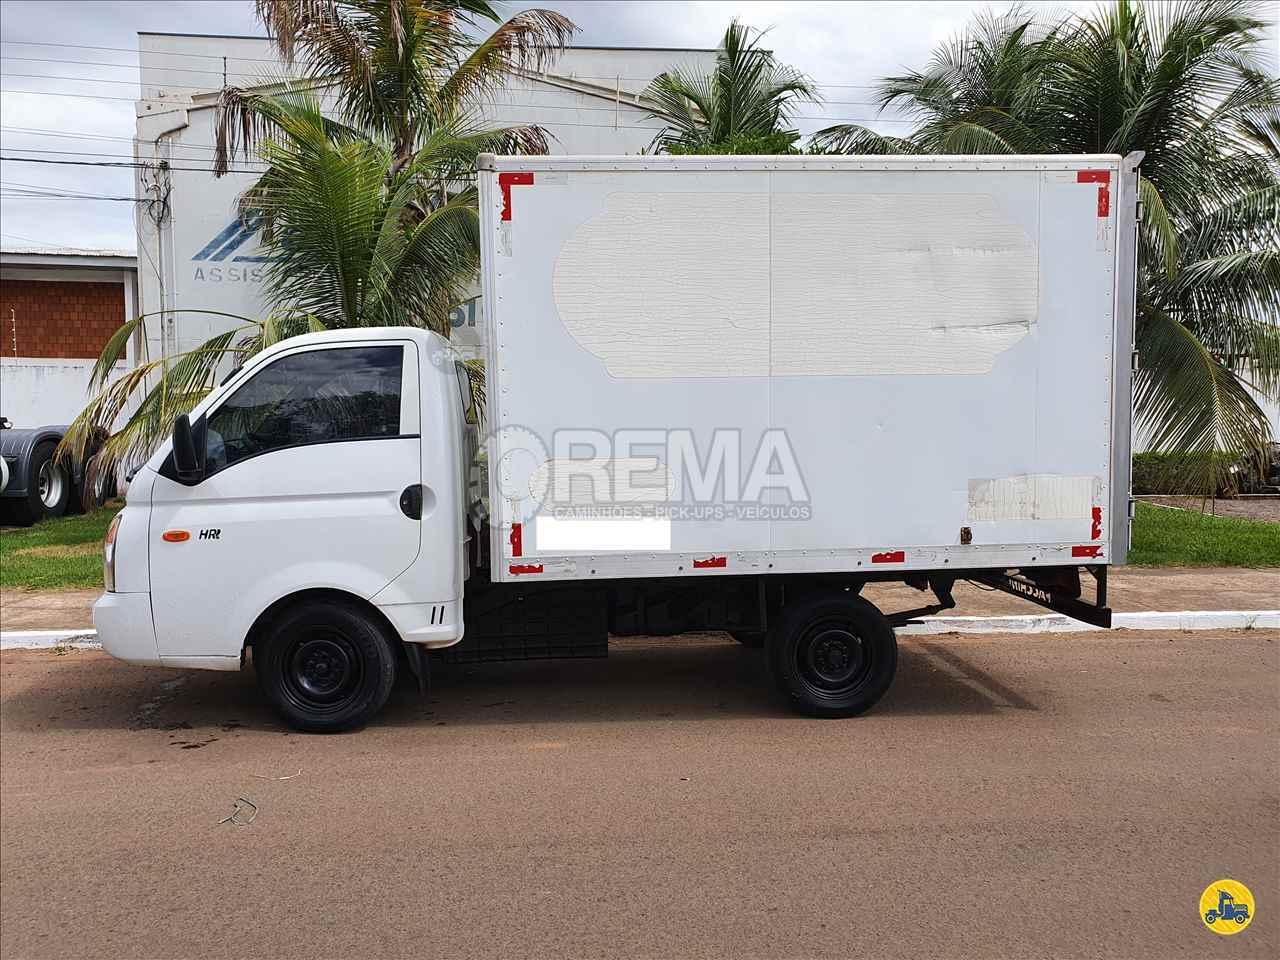 HYUNDAI HR 265000km 2009/2010 Rema Caminhões - MS